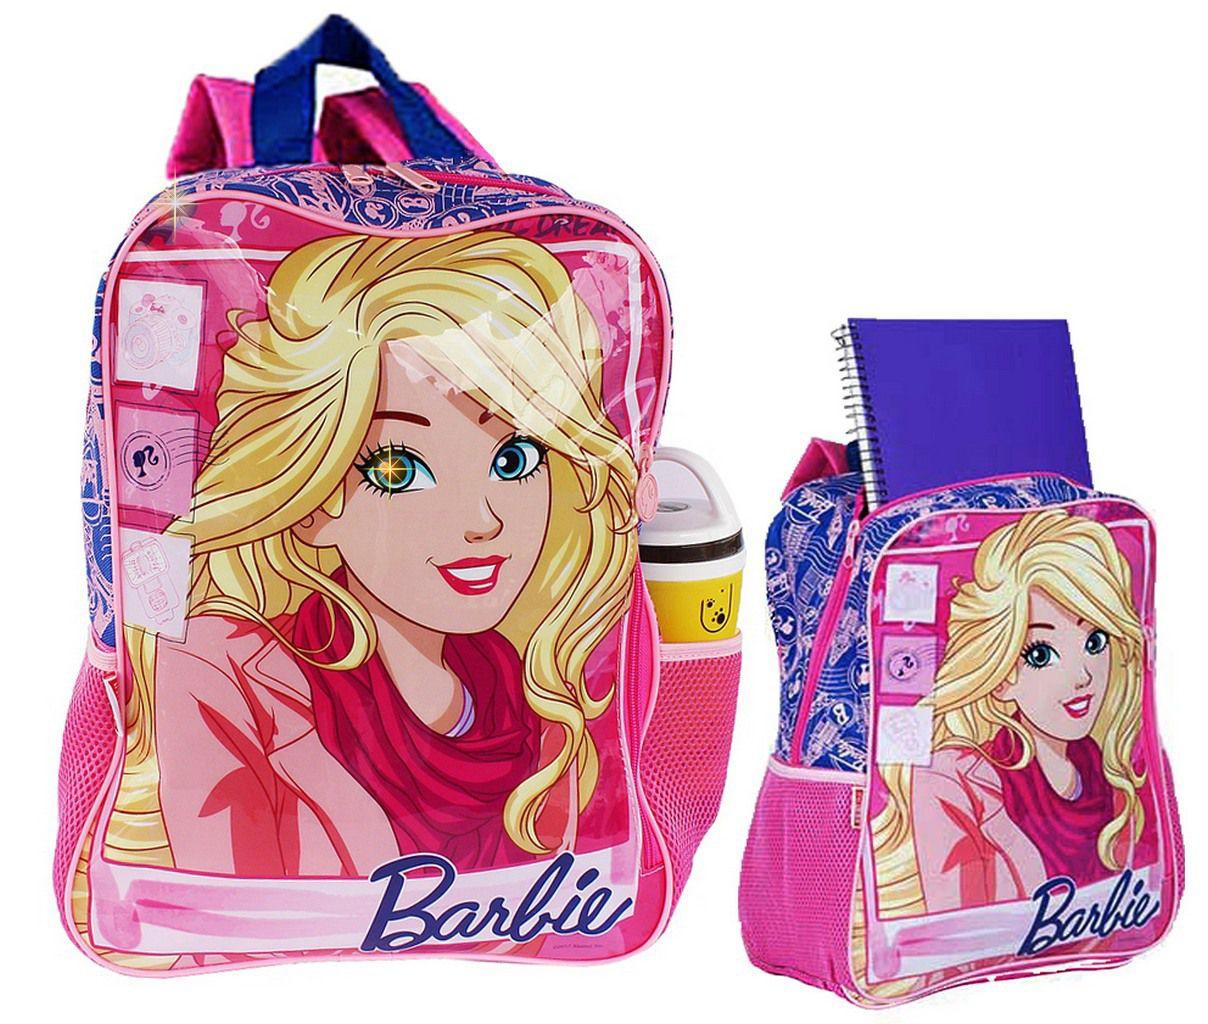 cf0985ec7 Mochila Infantil Escolar Rosa Grande Barbie Infantil Menina Sestini -  Ditudotem ...